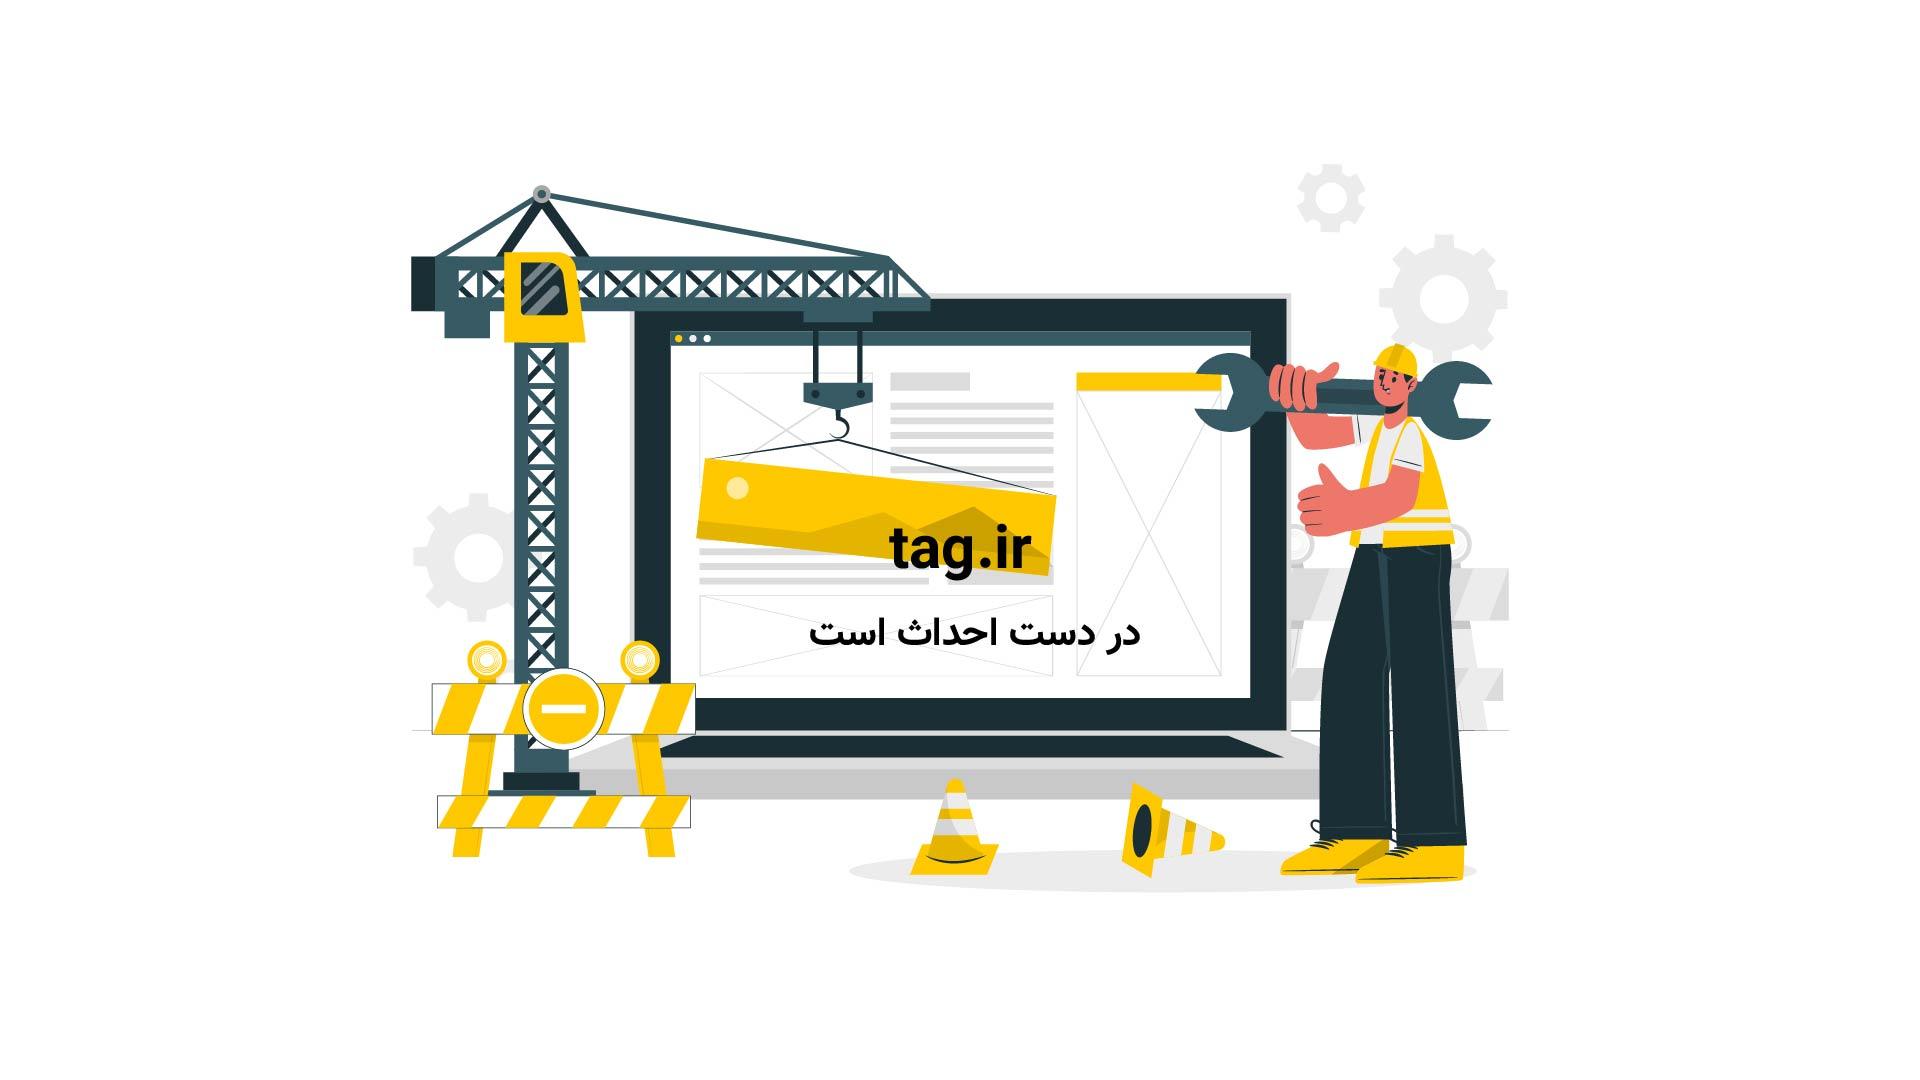 آیتم نمایشی خنده دار دورهمی با شرکت تماشاگران؛ موبایل | فیلم